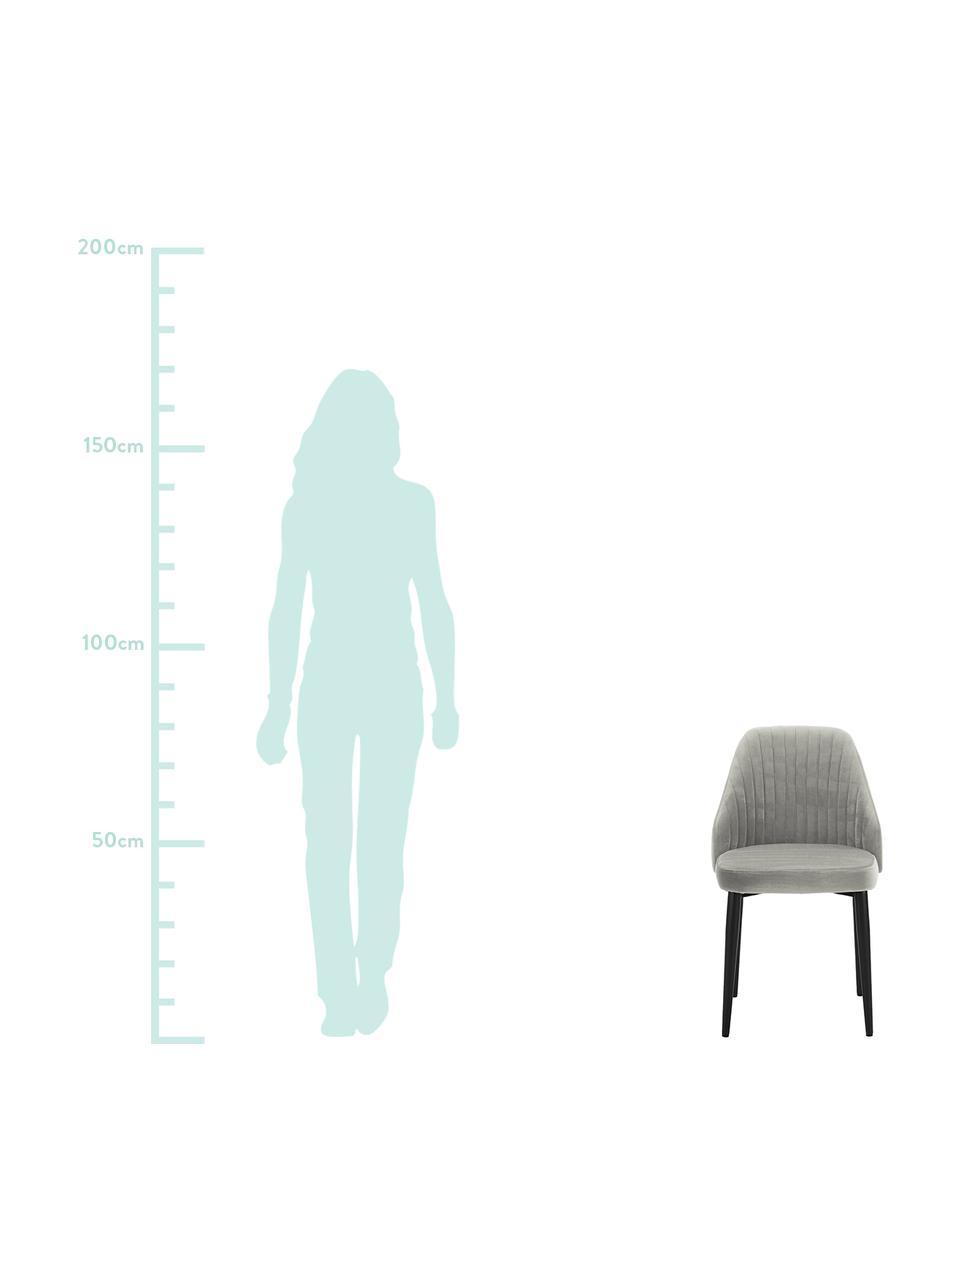 Samt-Polsterstühle Lucie, 2 Stück, Bezug: Samt (100% Polyester), Beine: Metall in Walnussholz-Opt, Samt Grau, B 49 x T 57 cm